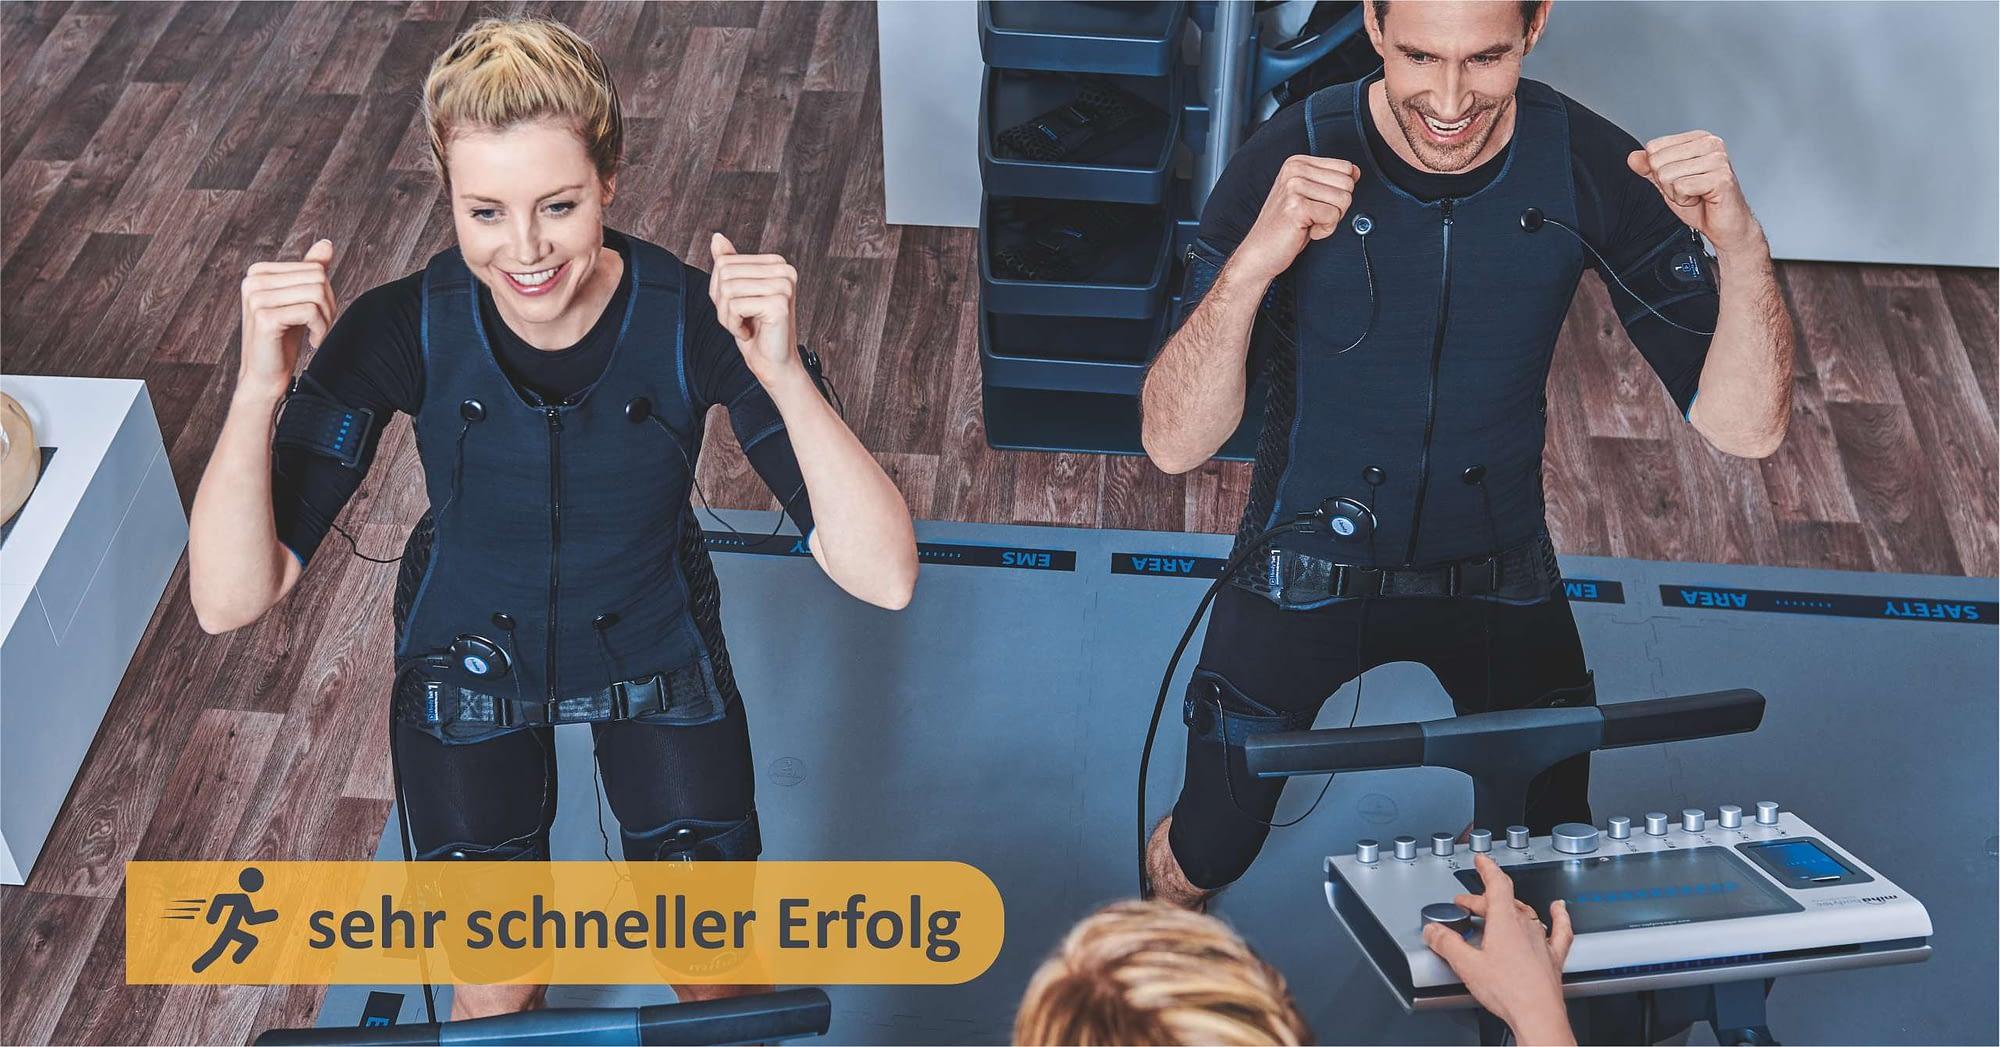 sehr schneller Erfolg mit EMS Training von Miha Bodytec